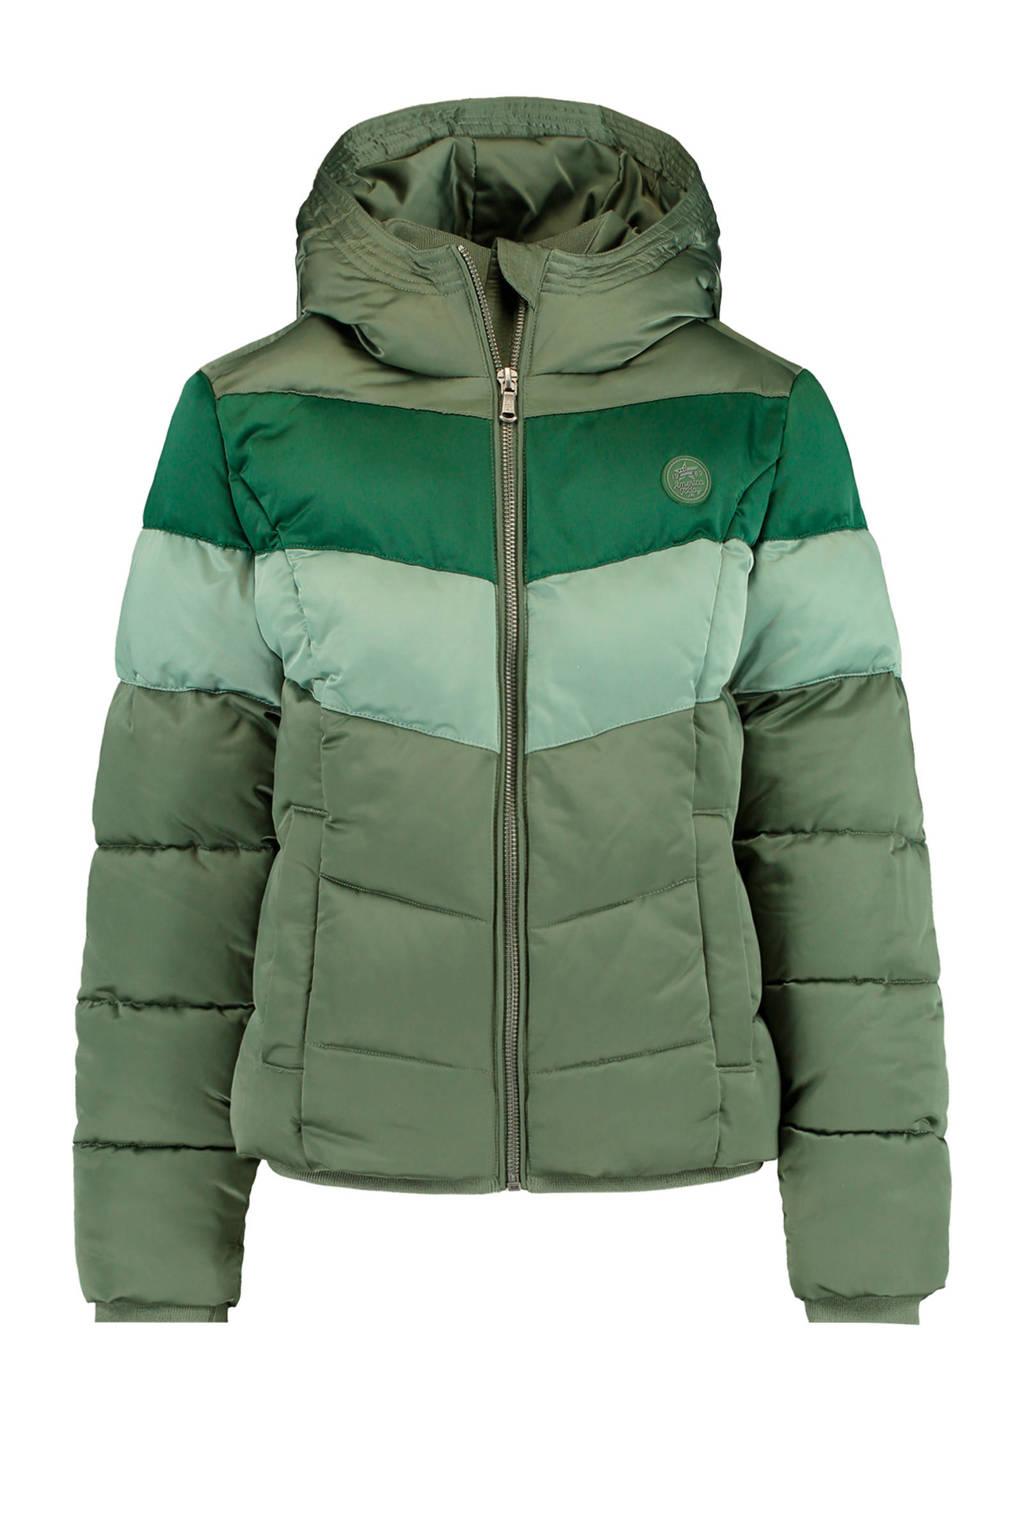 America Today Junior gewatteerde winterjas Jess groen/army groen